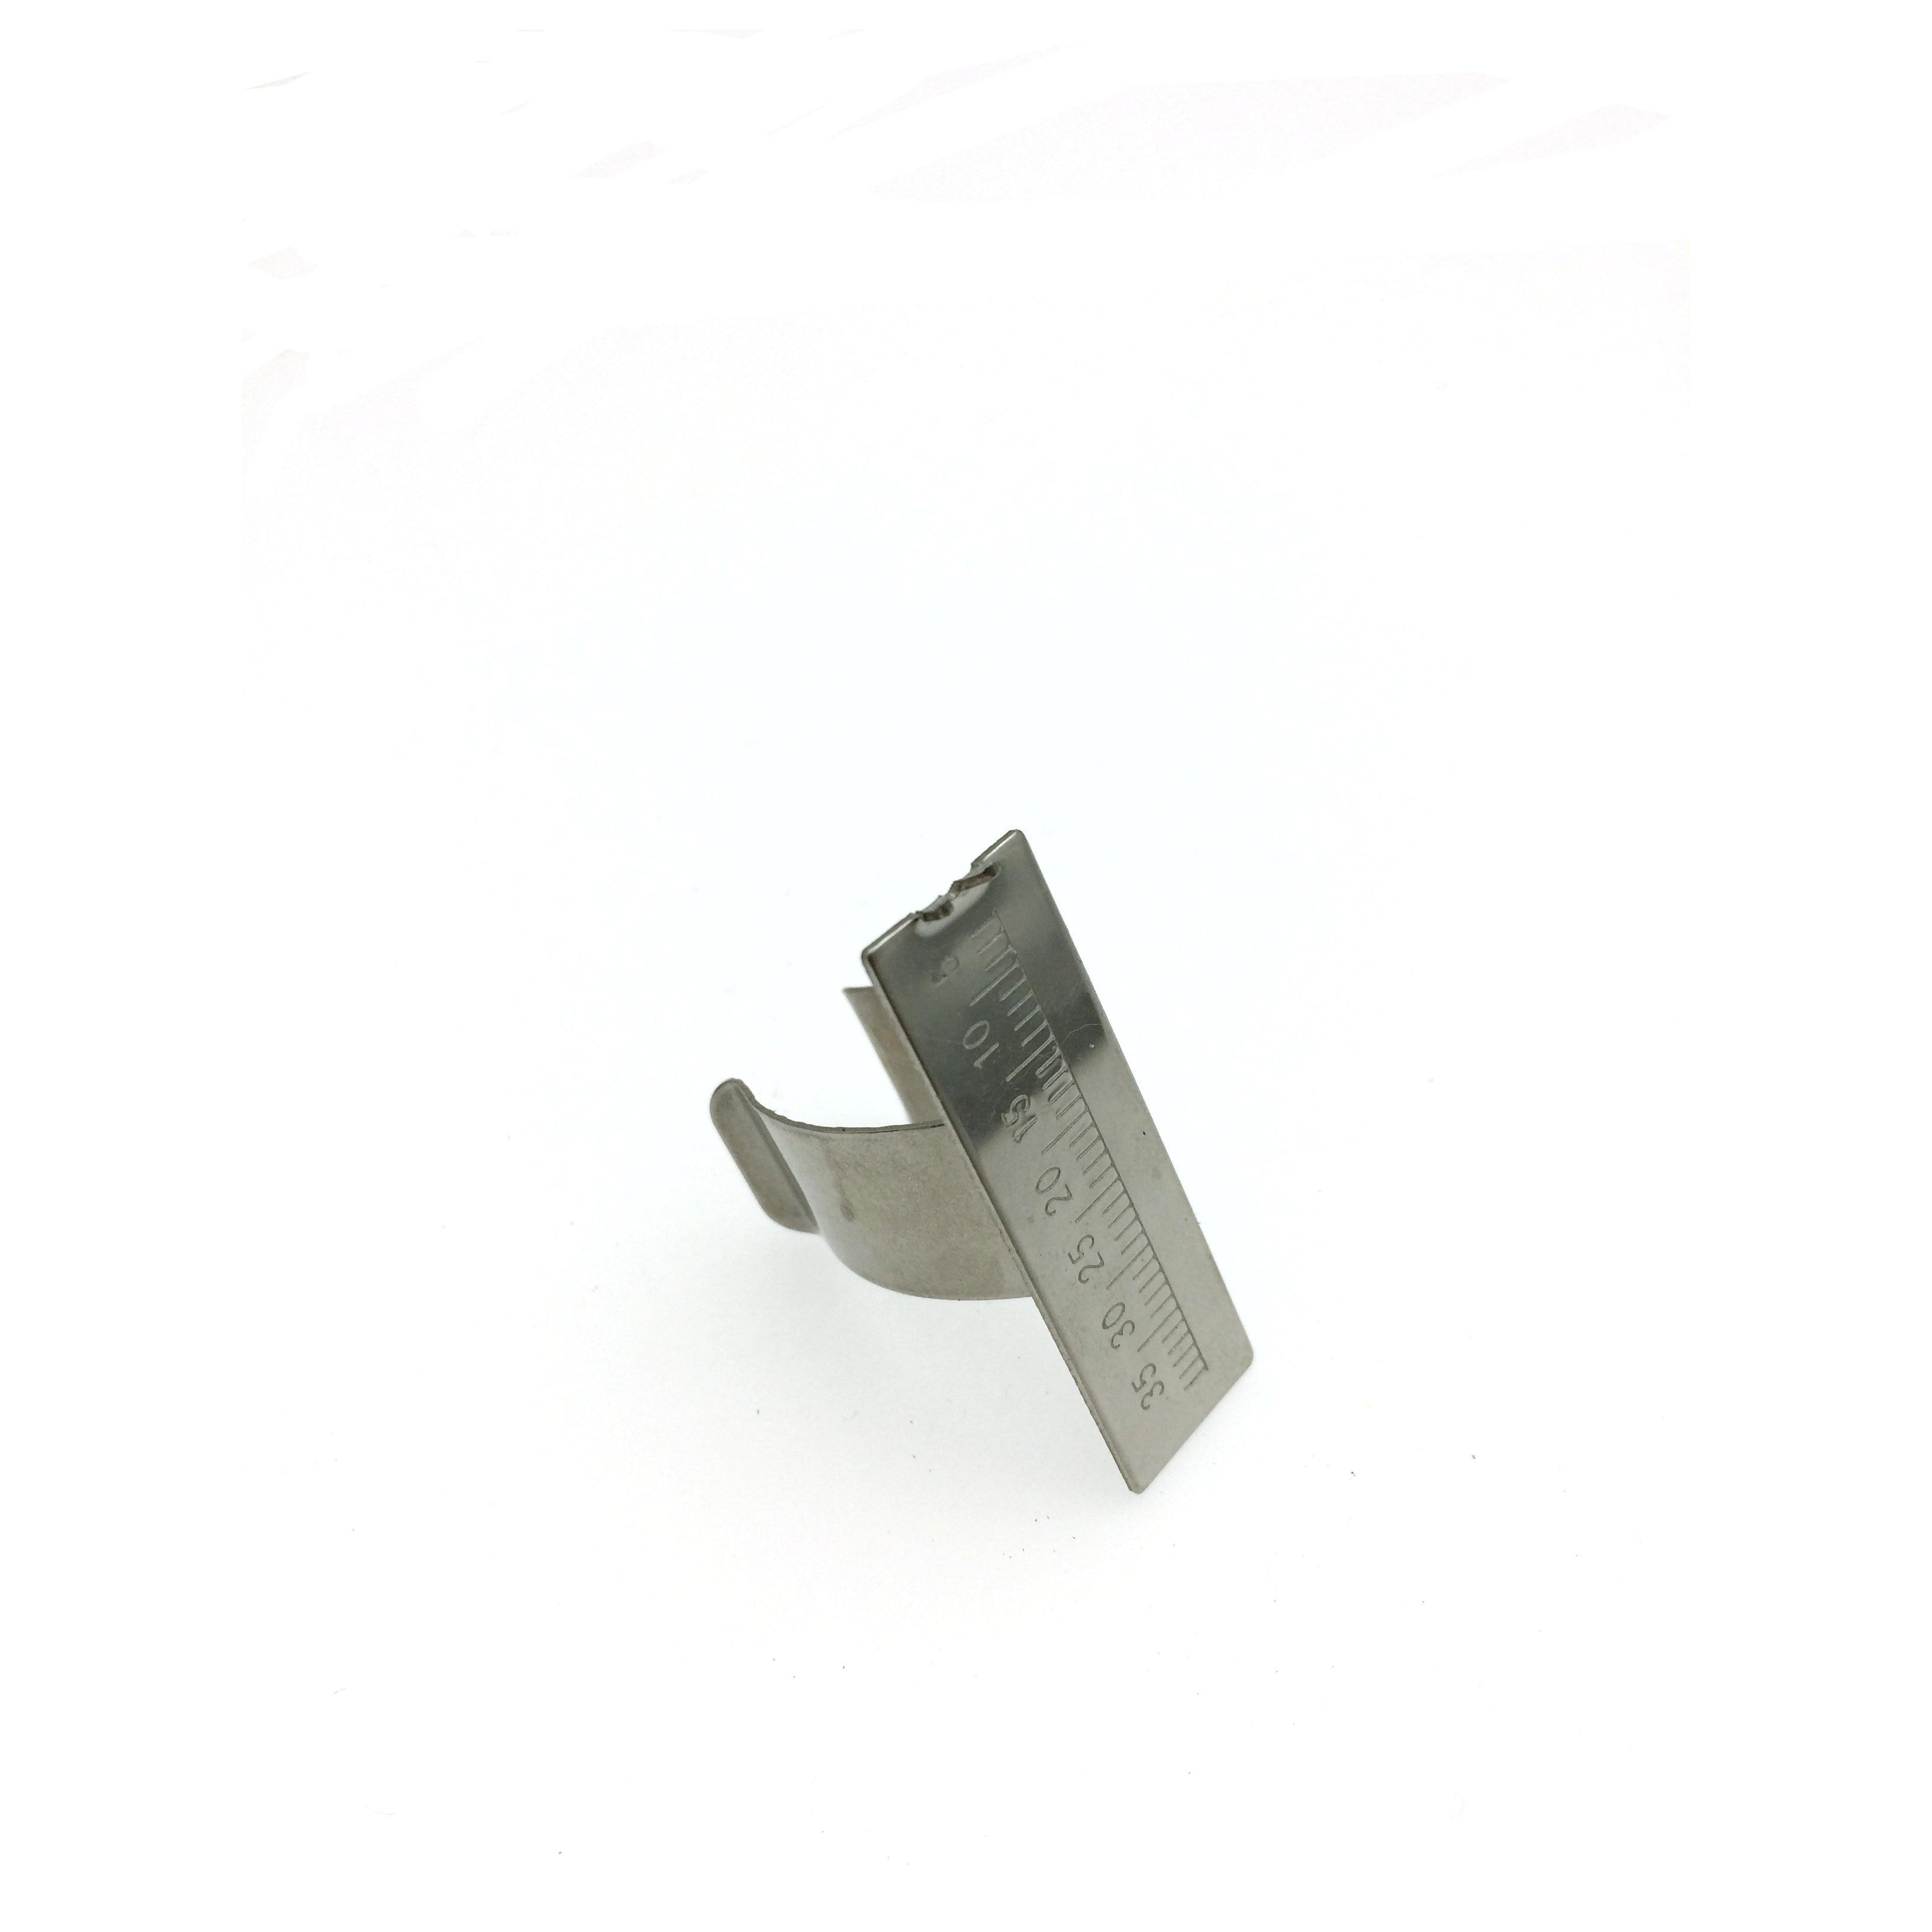 1pc zahnärztliche Spanne Messskala endodontische Instrument Finger Lineal